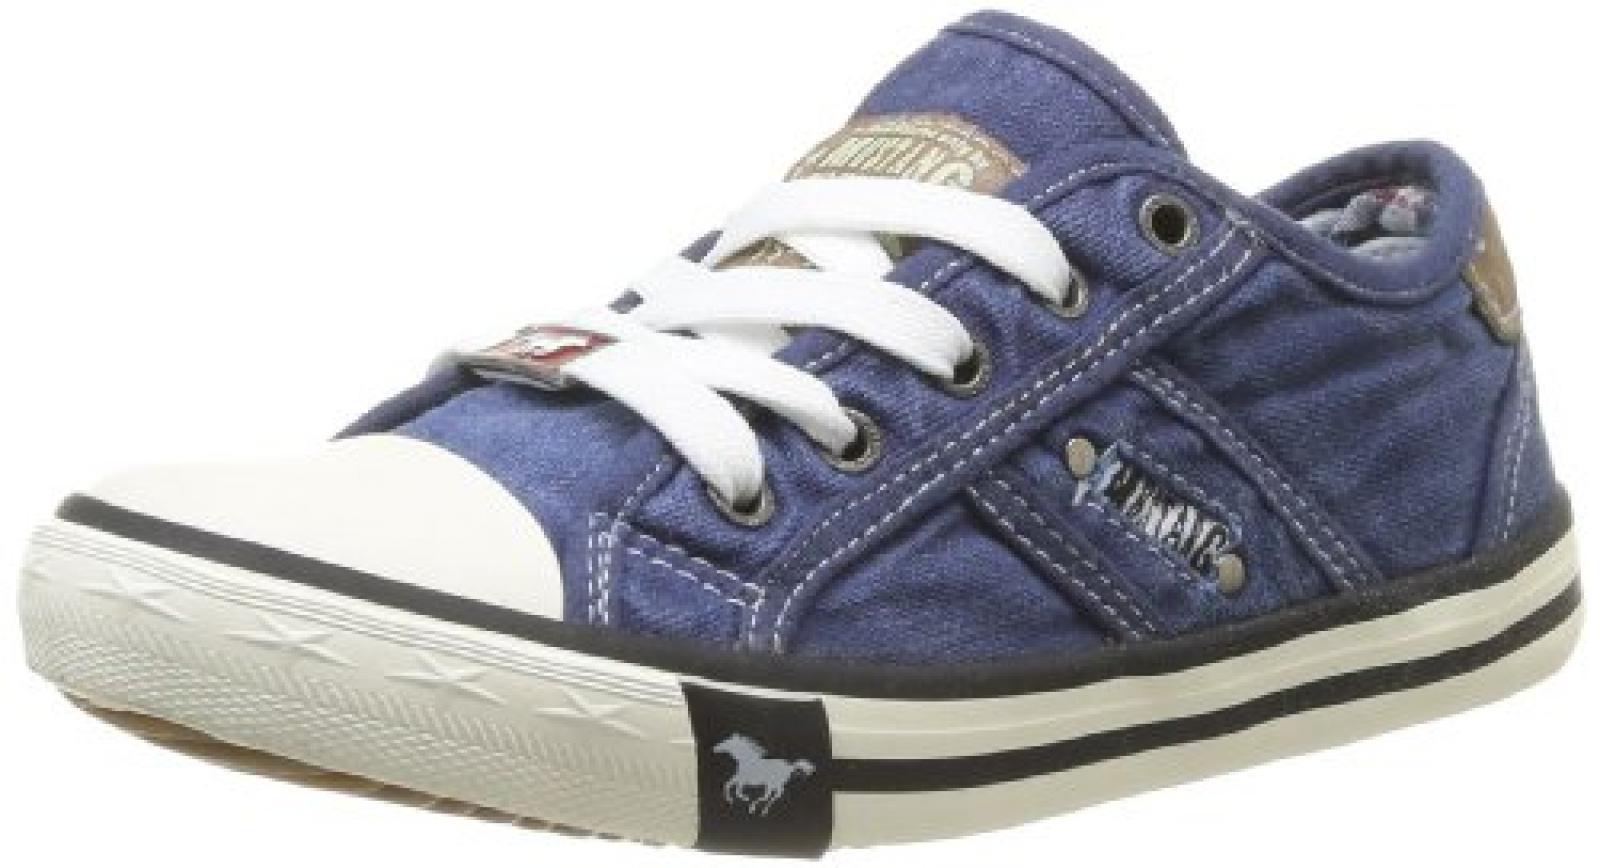 Mustang 5803-305-203 Unisex-Kinder Sneakers